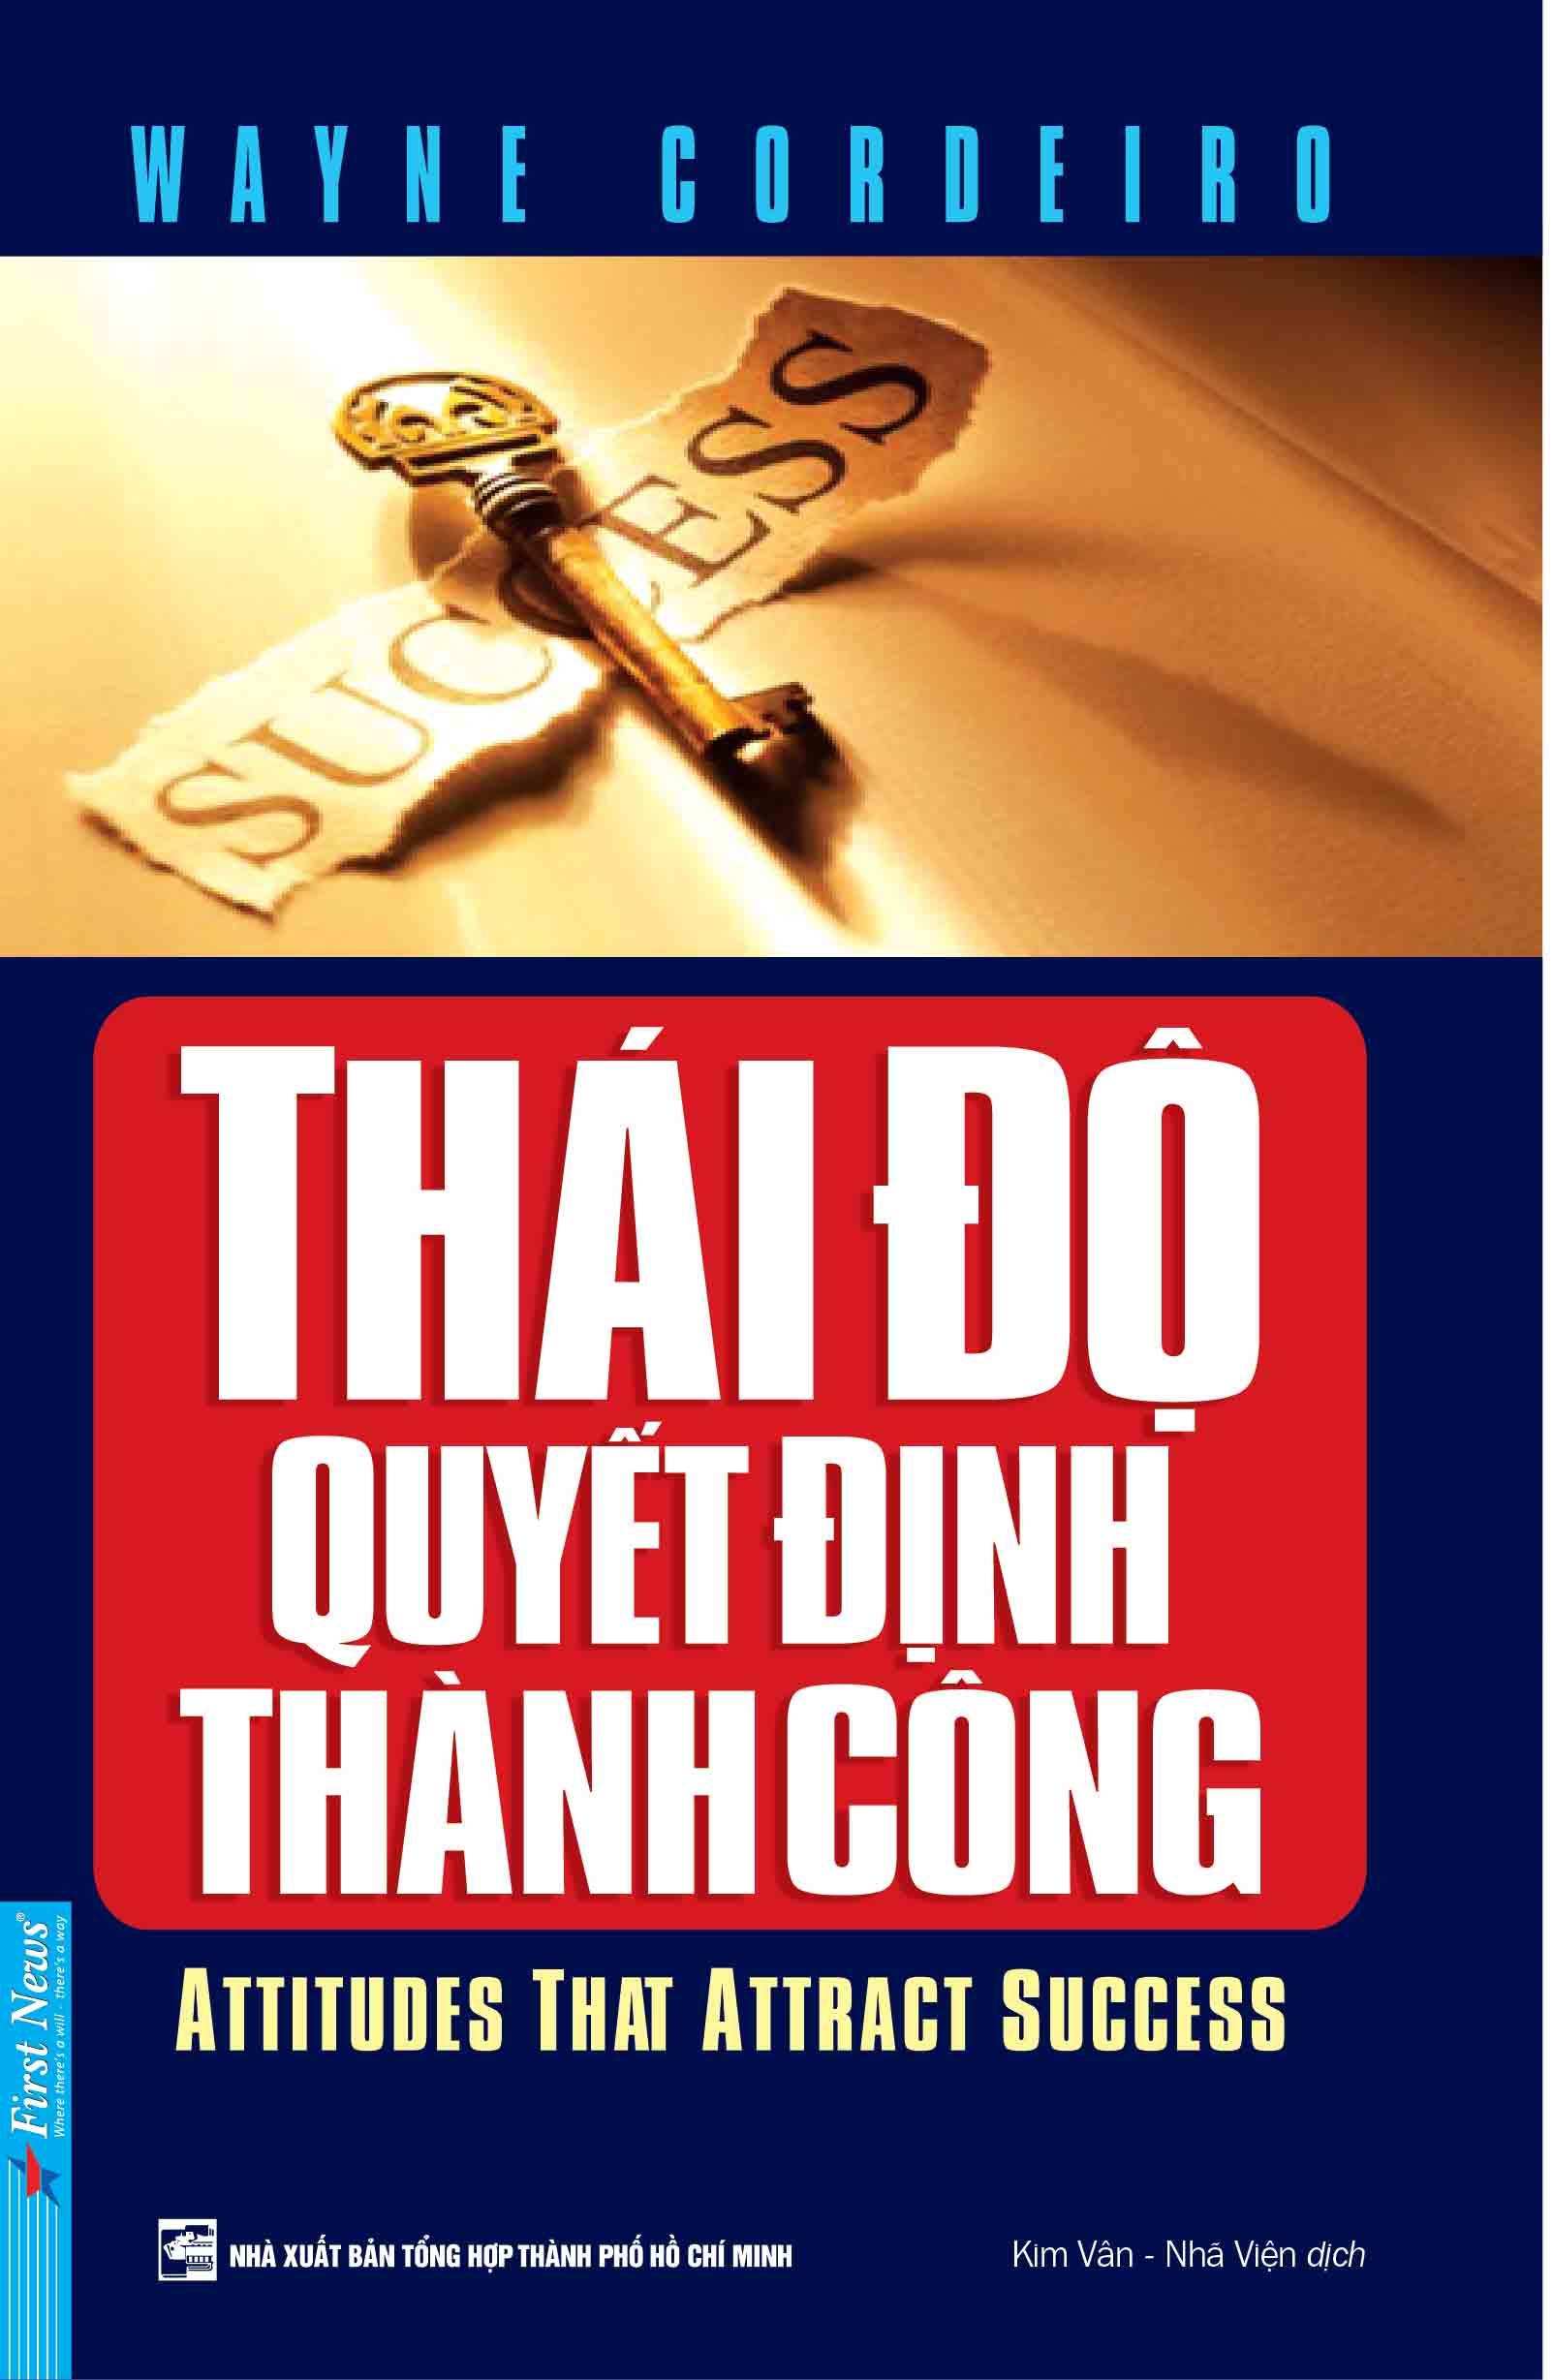 thaidoquyetdinhthanhcong-bia1.png